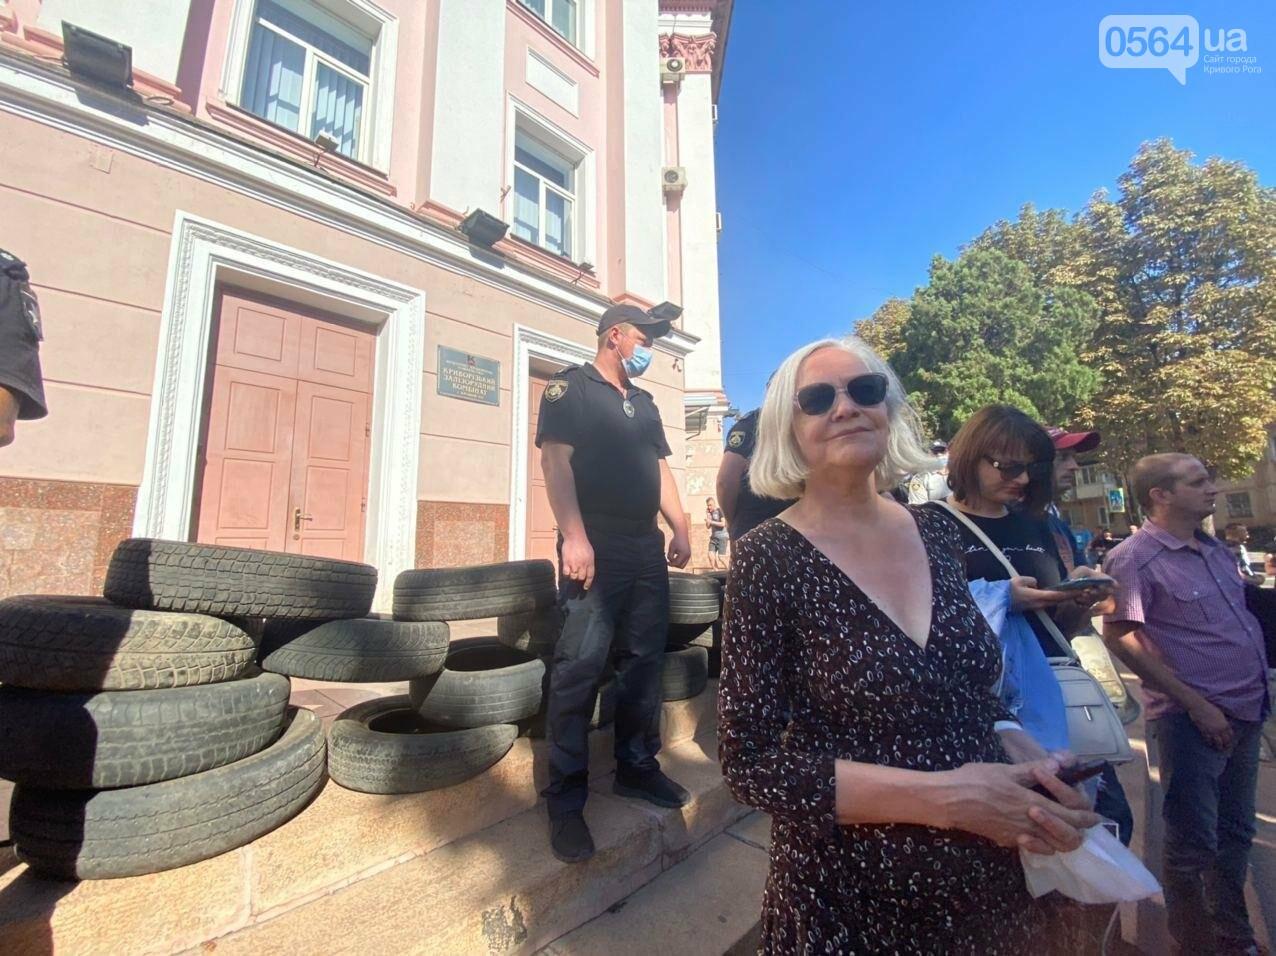 Отмолчаться не получится: у входа в админздание КЖРК проходит массовый митинг, на ступеньках сложены шины,  - ФОТО, ВИДЕО, фото-11